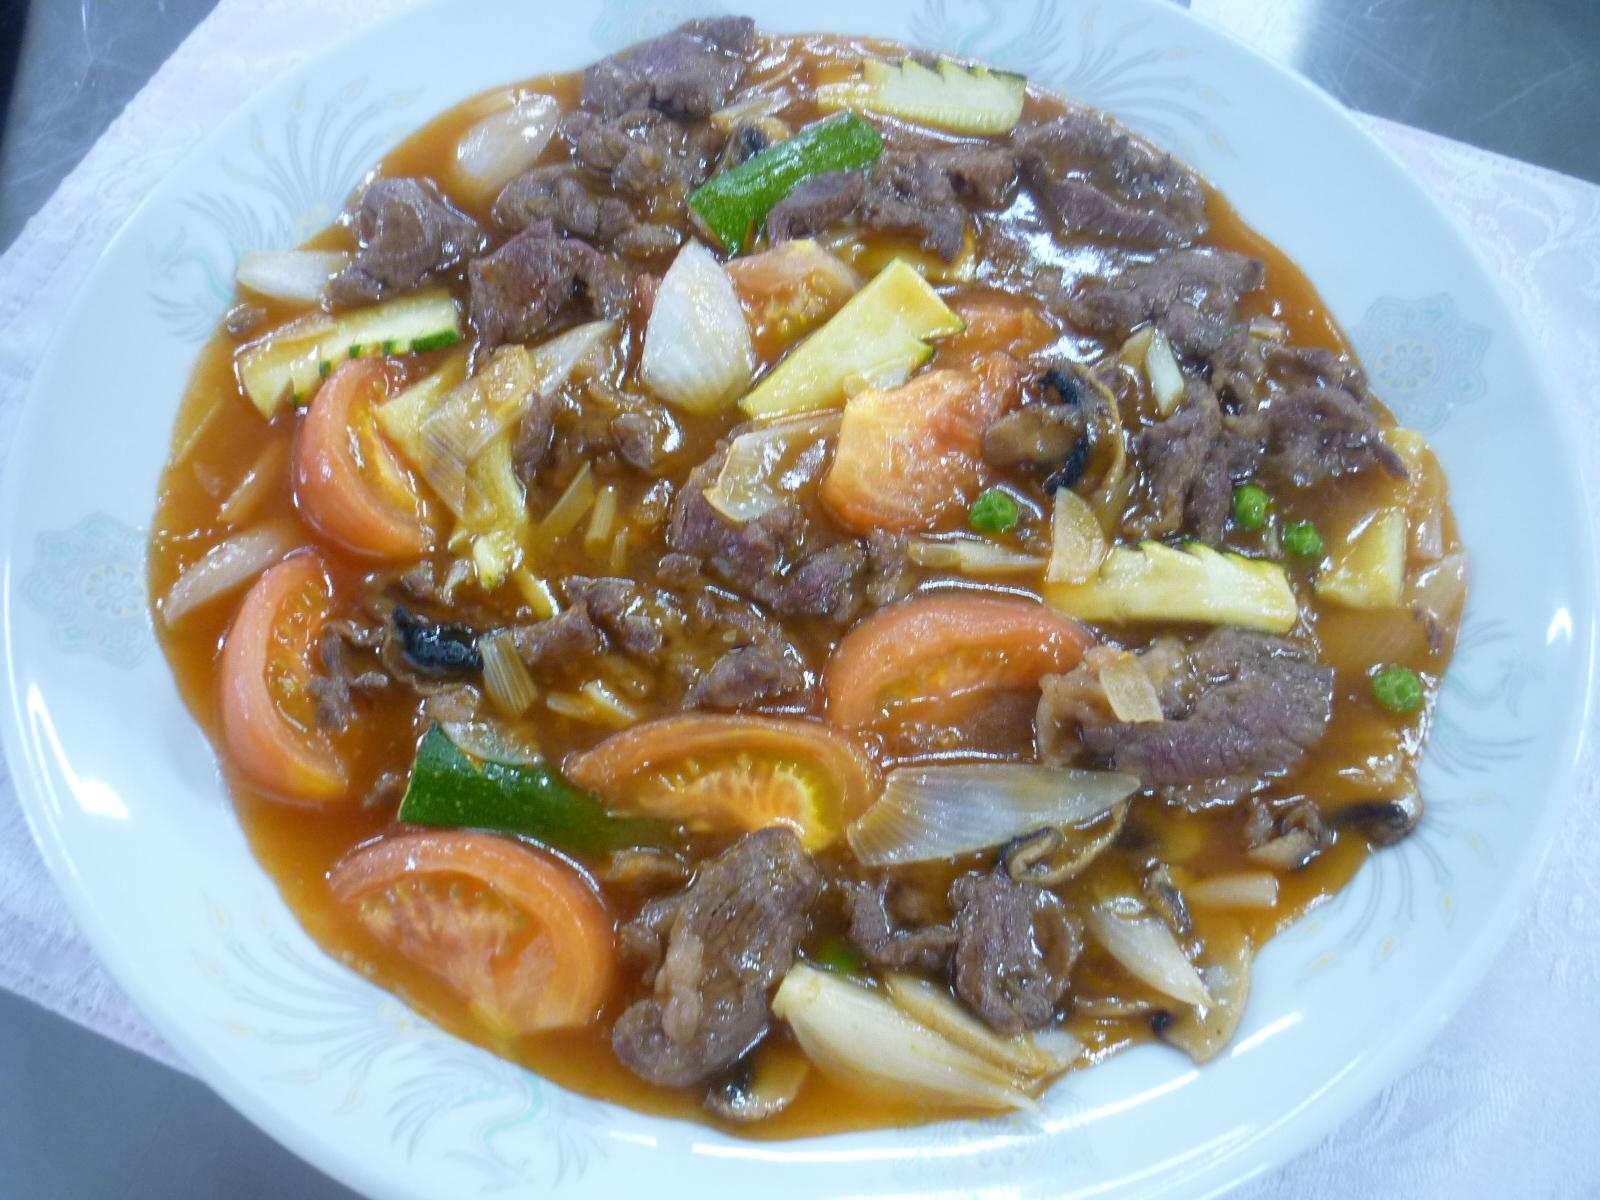 鮮茄牛肉片(牛肉とトマトの炒め物)